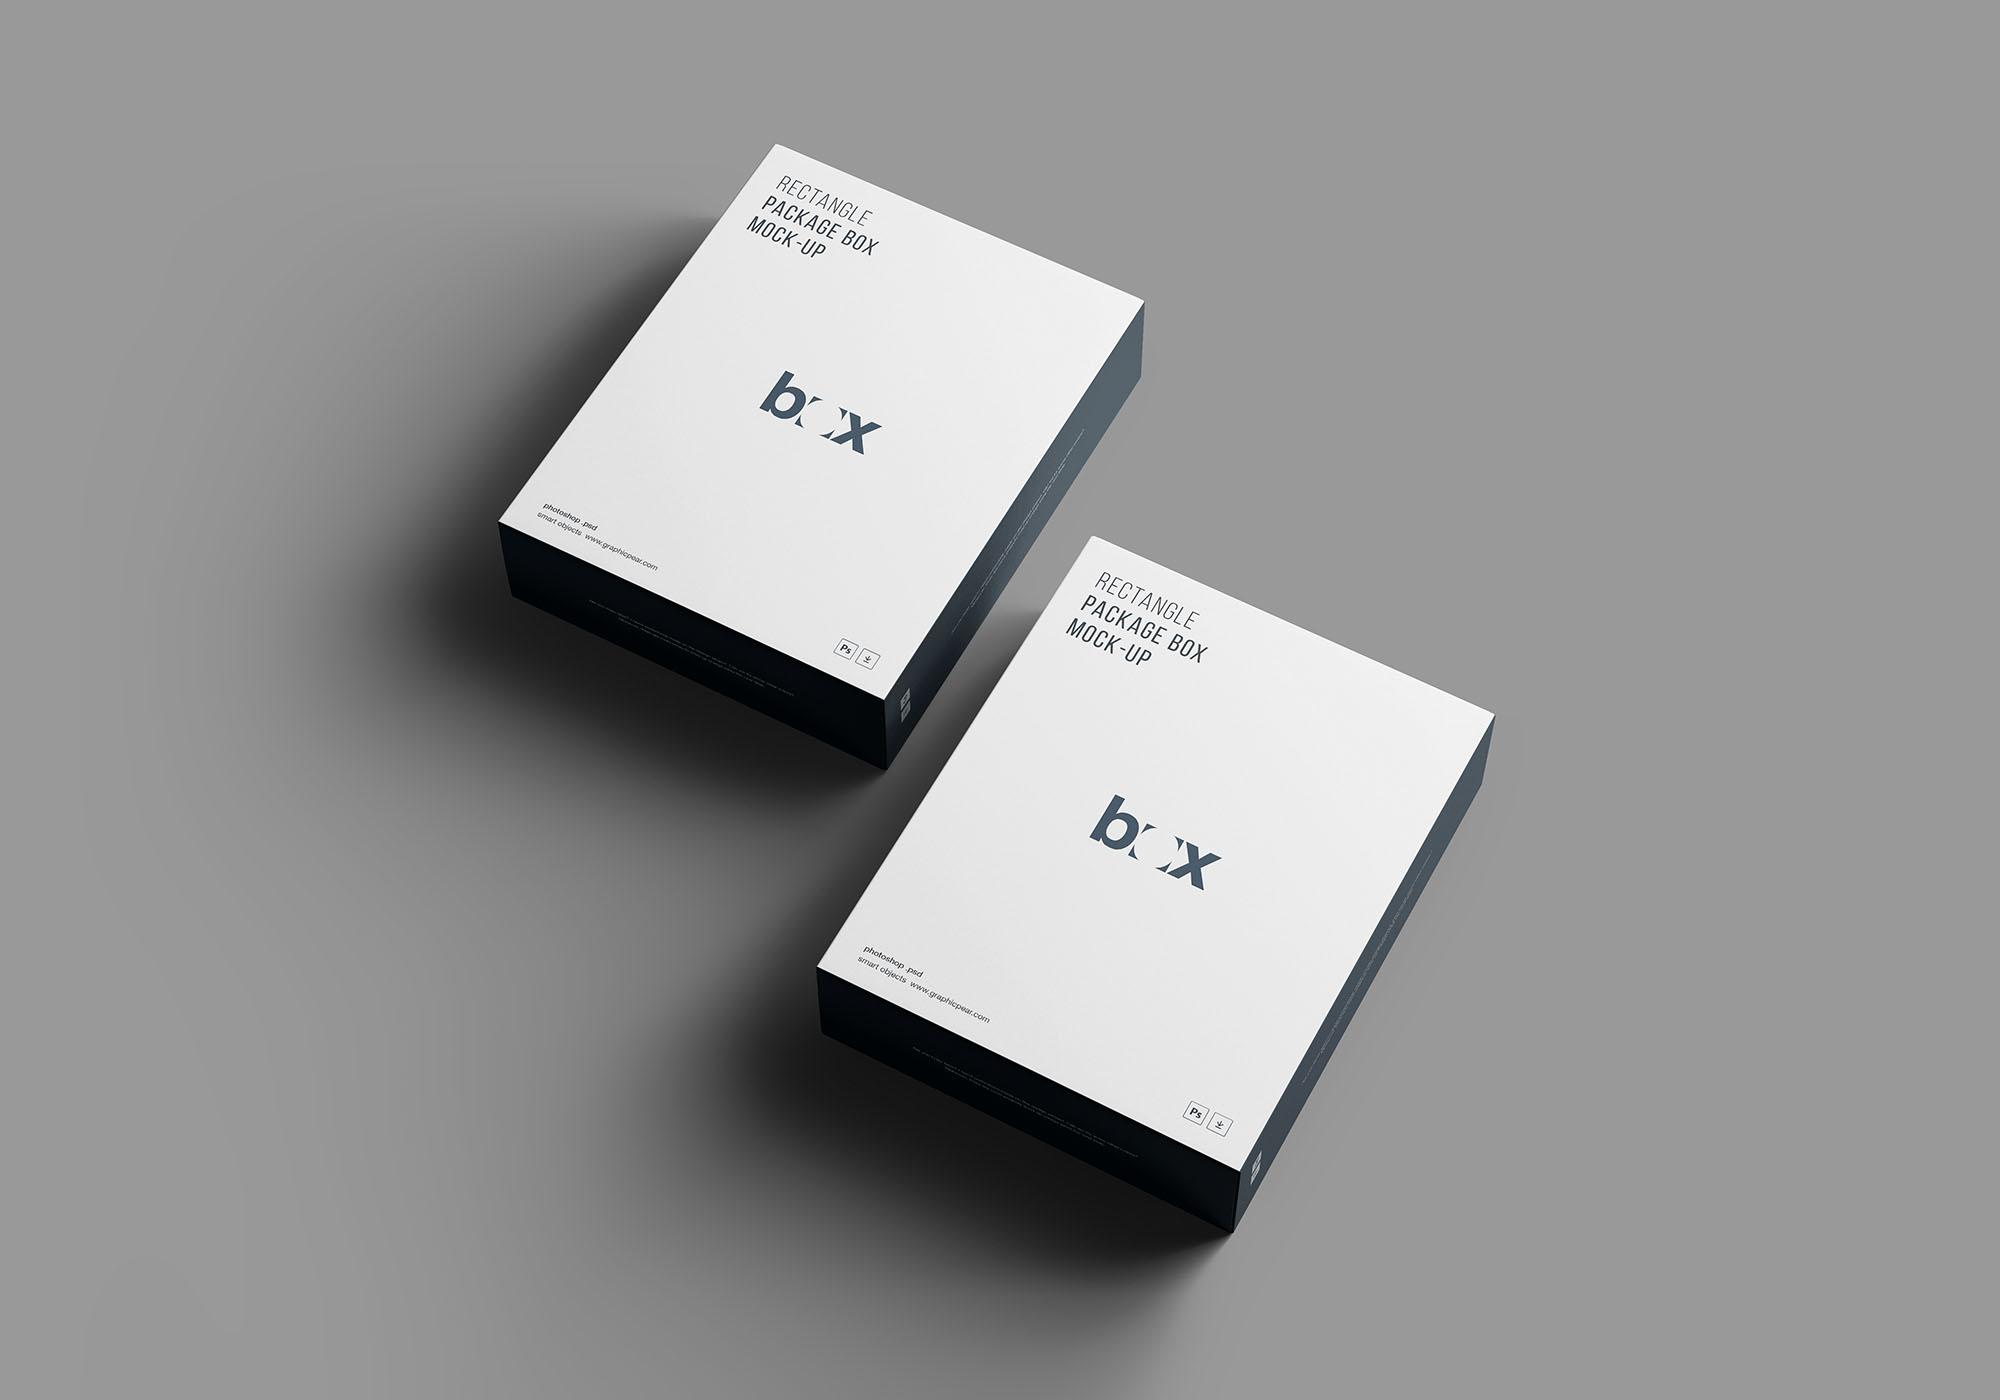 新产品系统软件CD包装盒样机PSD智能贴图模板 Product Box Mockup